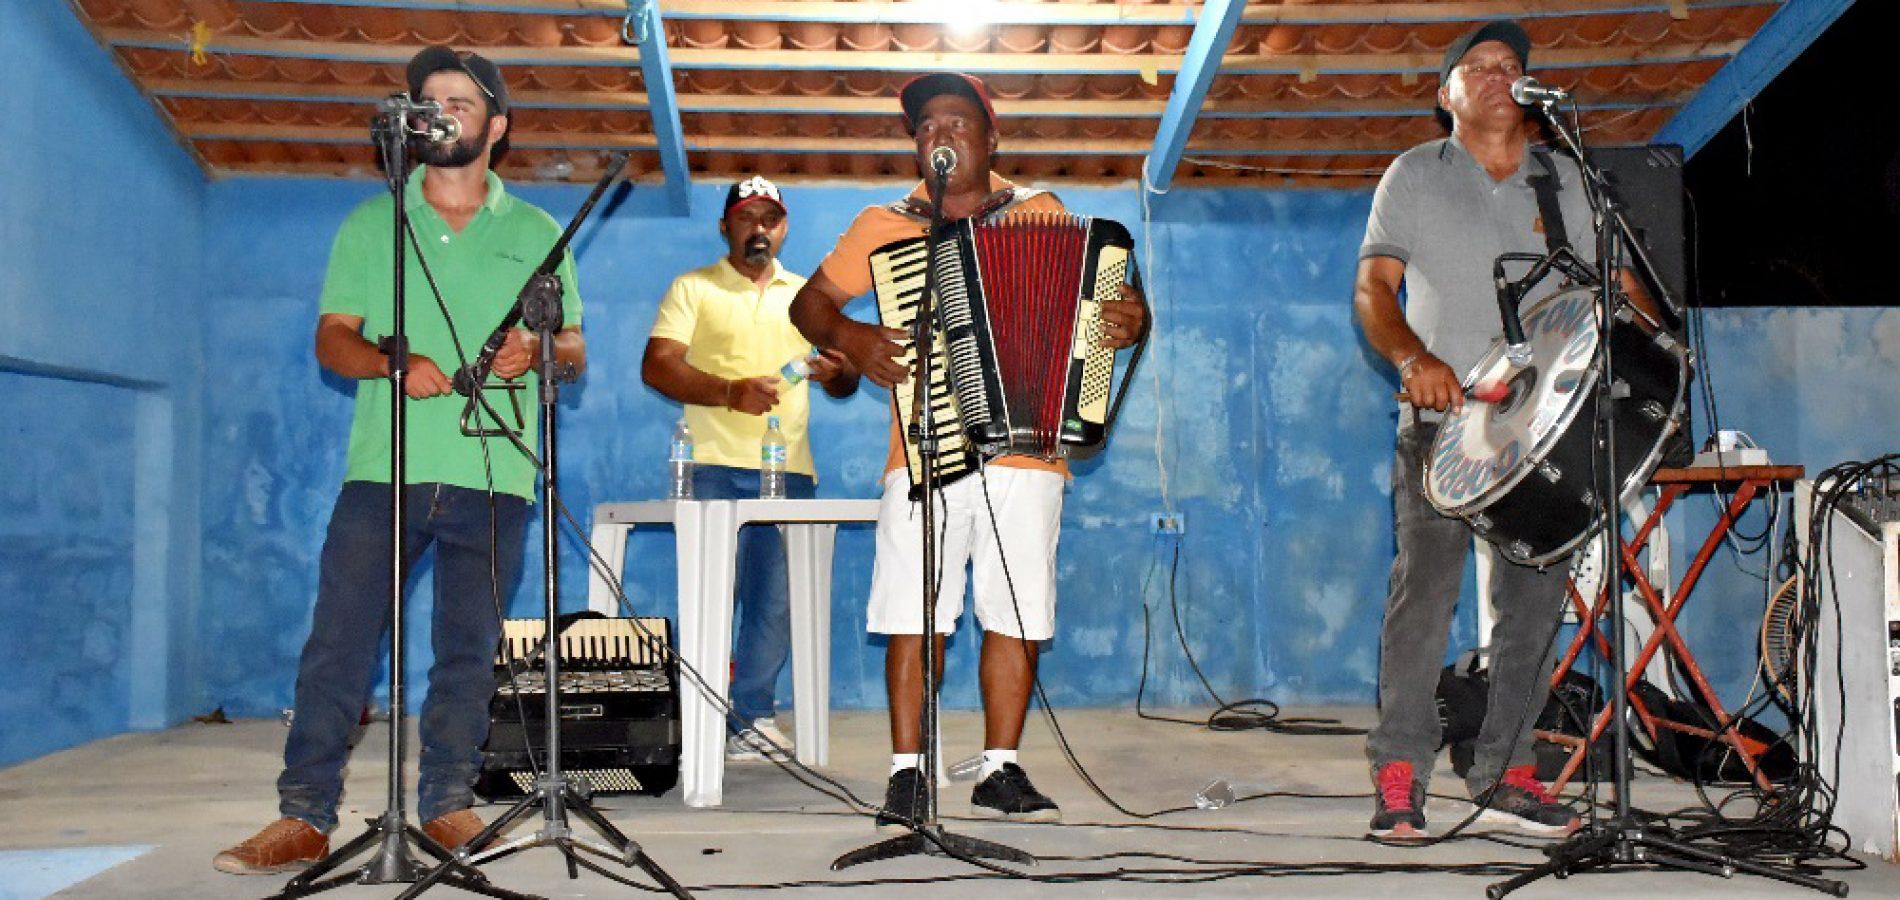 ALEGRETE   Gestão de Márcio Alencar leva o forró dos idosos para Malhada Alta; 'foi um sucesso', diz Sec. de Cultura